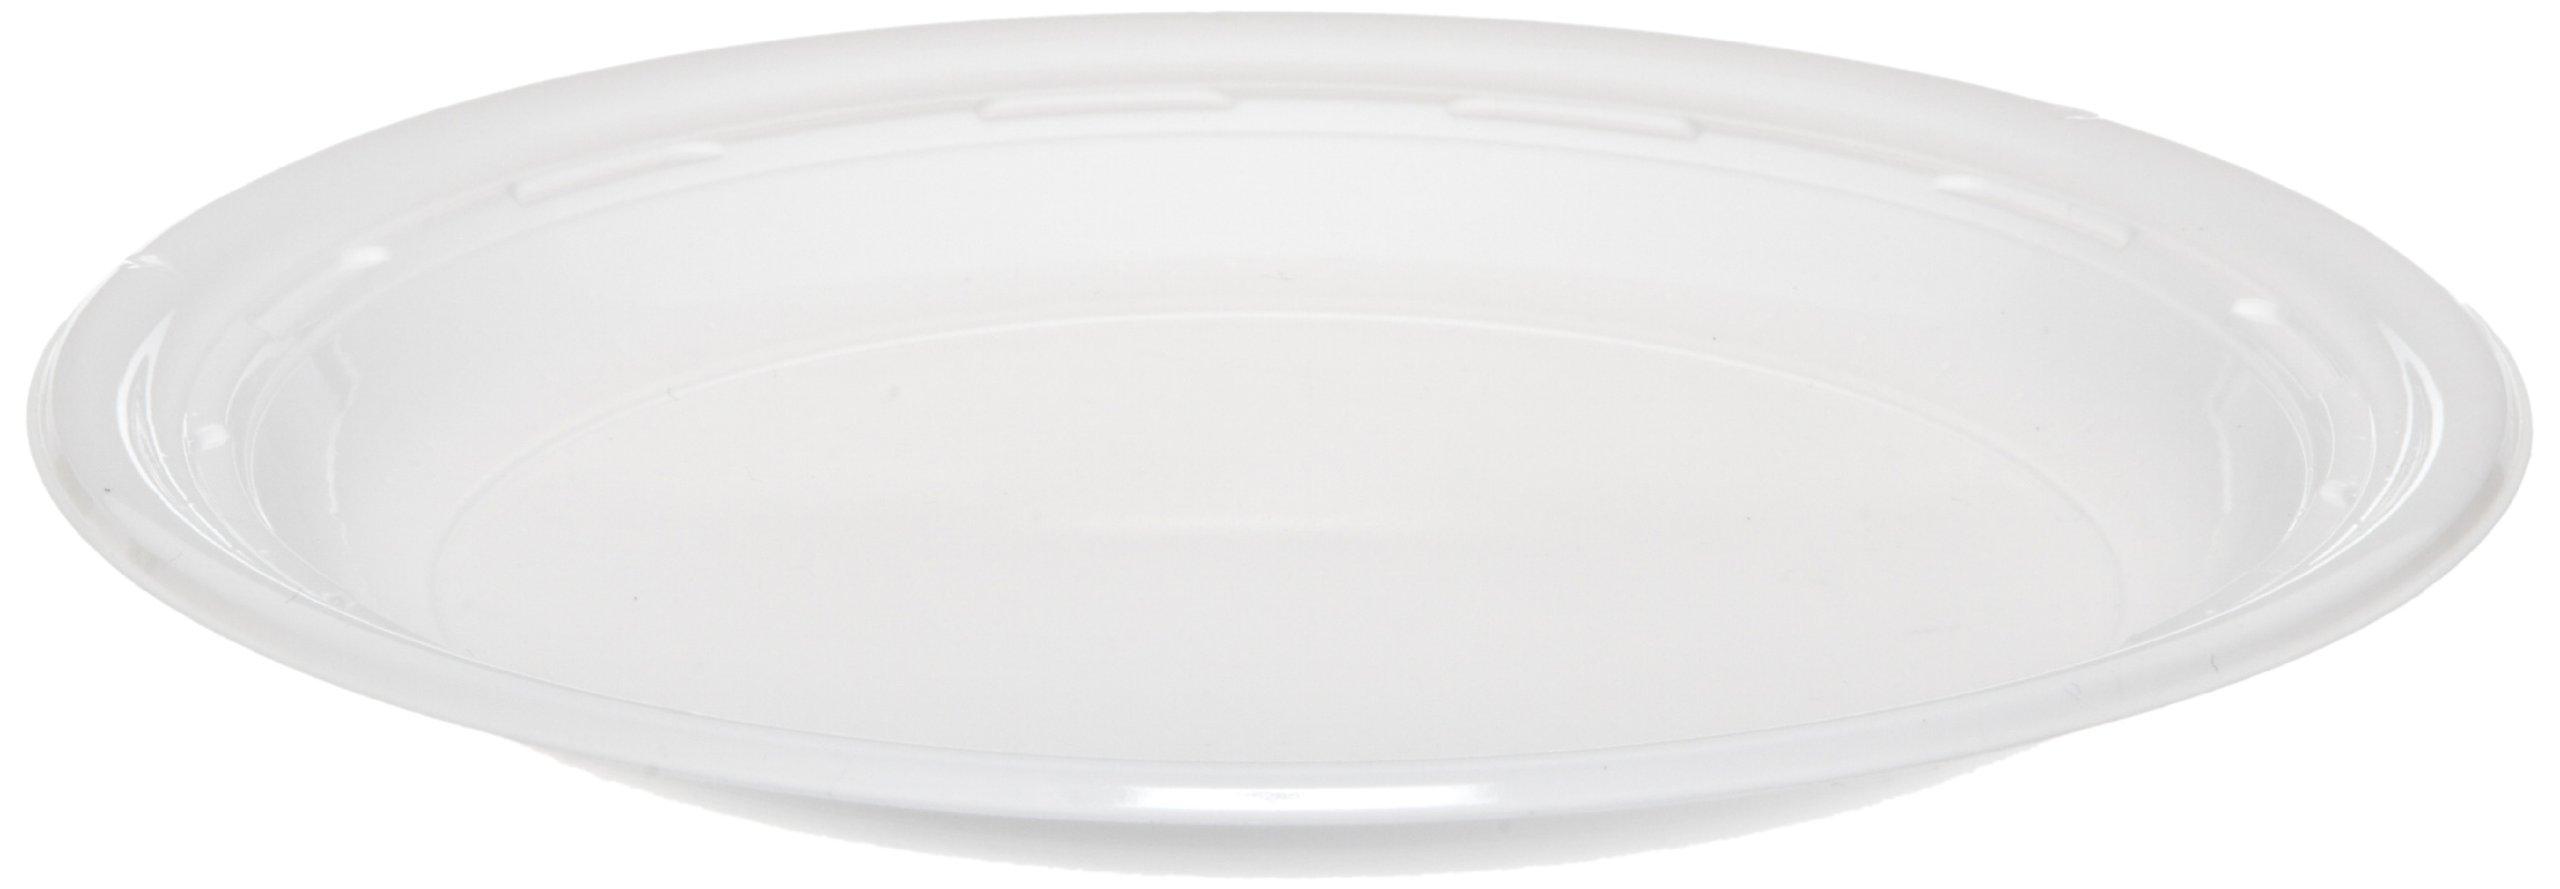 Dart 7PWF 7'' White Impact Plastic Dinnerware Plate (8 Packs of 125)